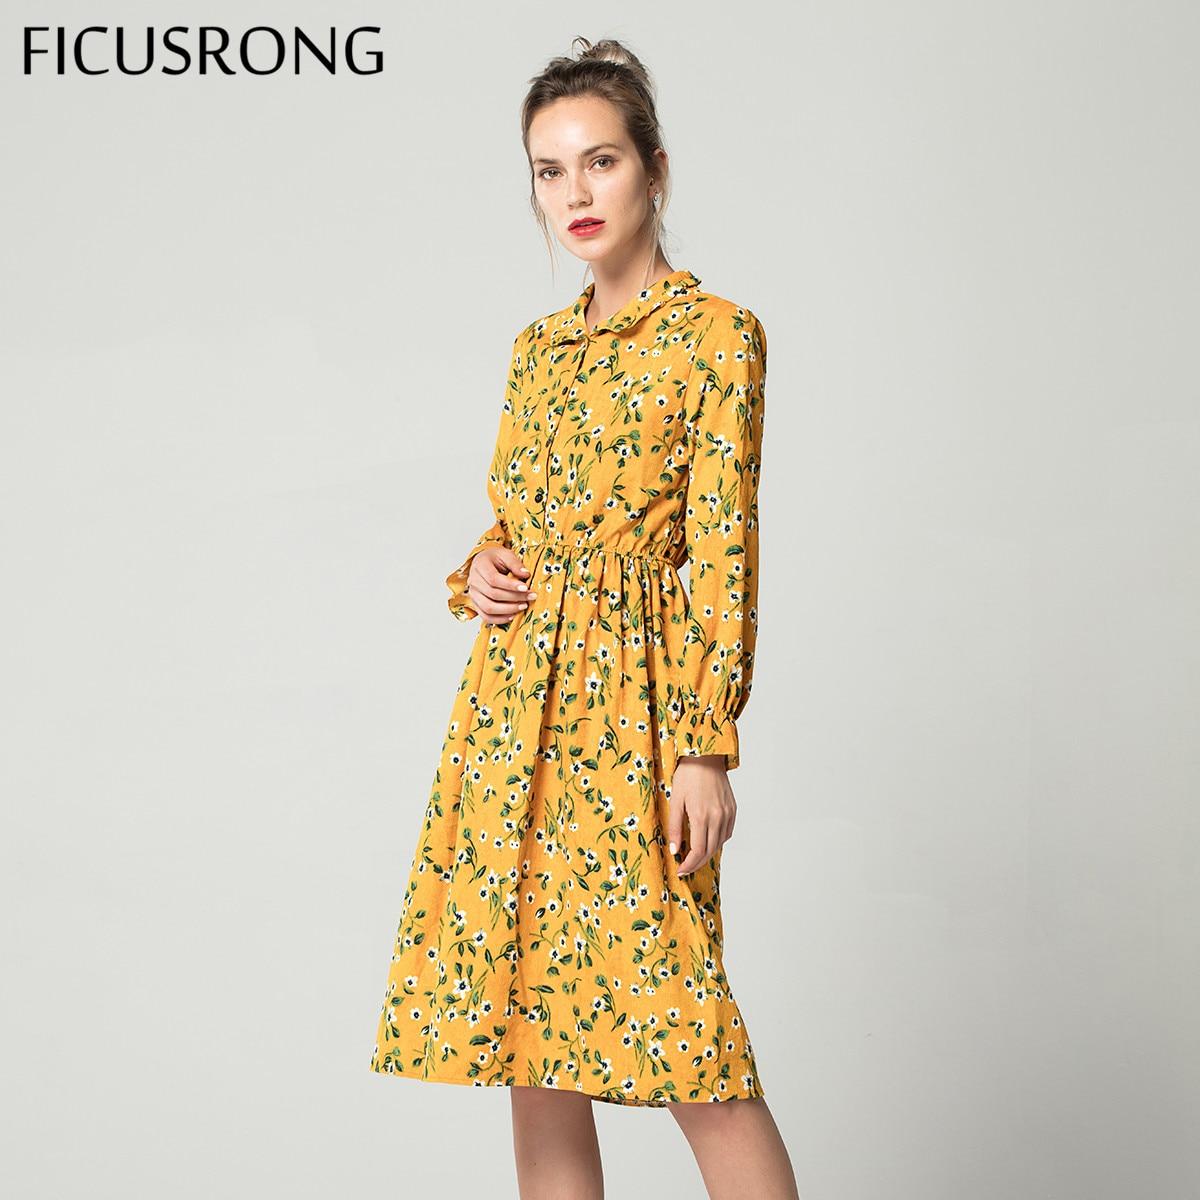 Corduroy cintura elástica alta vestido vintage a line estilo feminino manga cheia flor xadrez vestidos de impressão magro feminino ficusrong